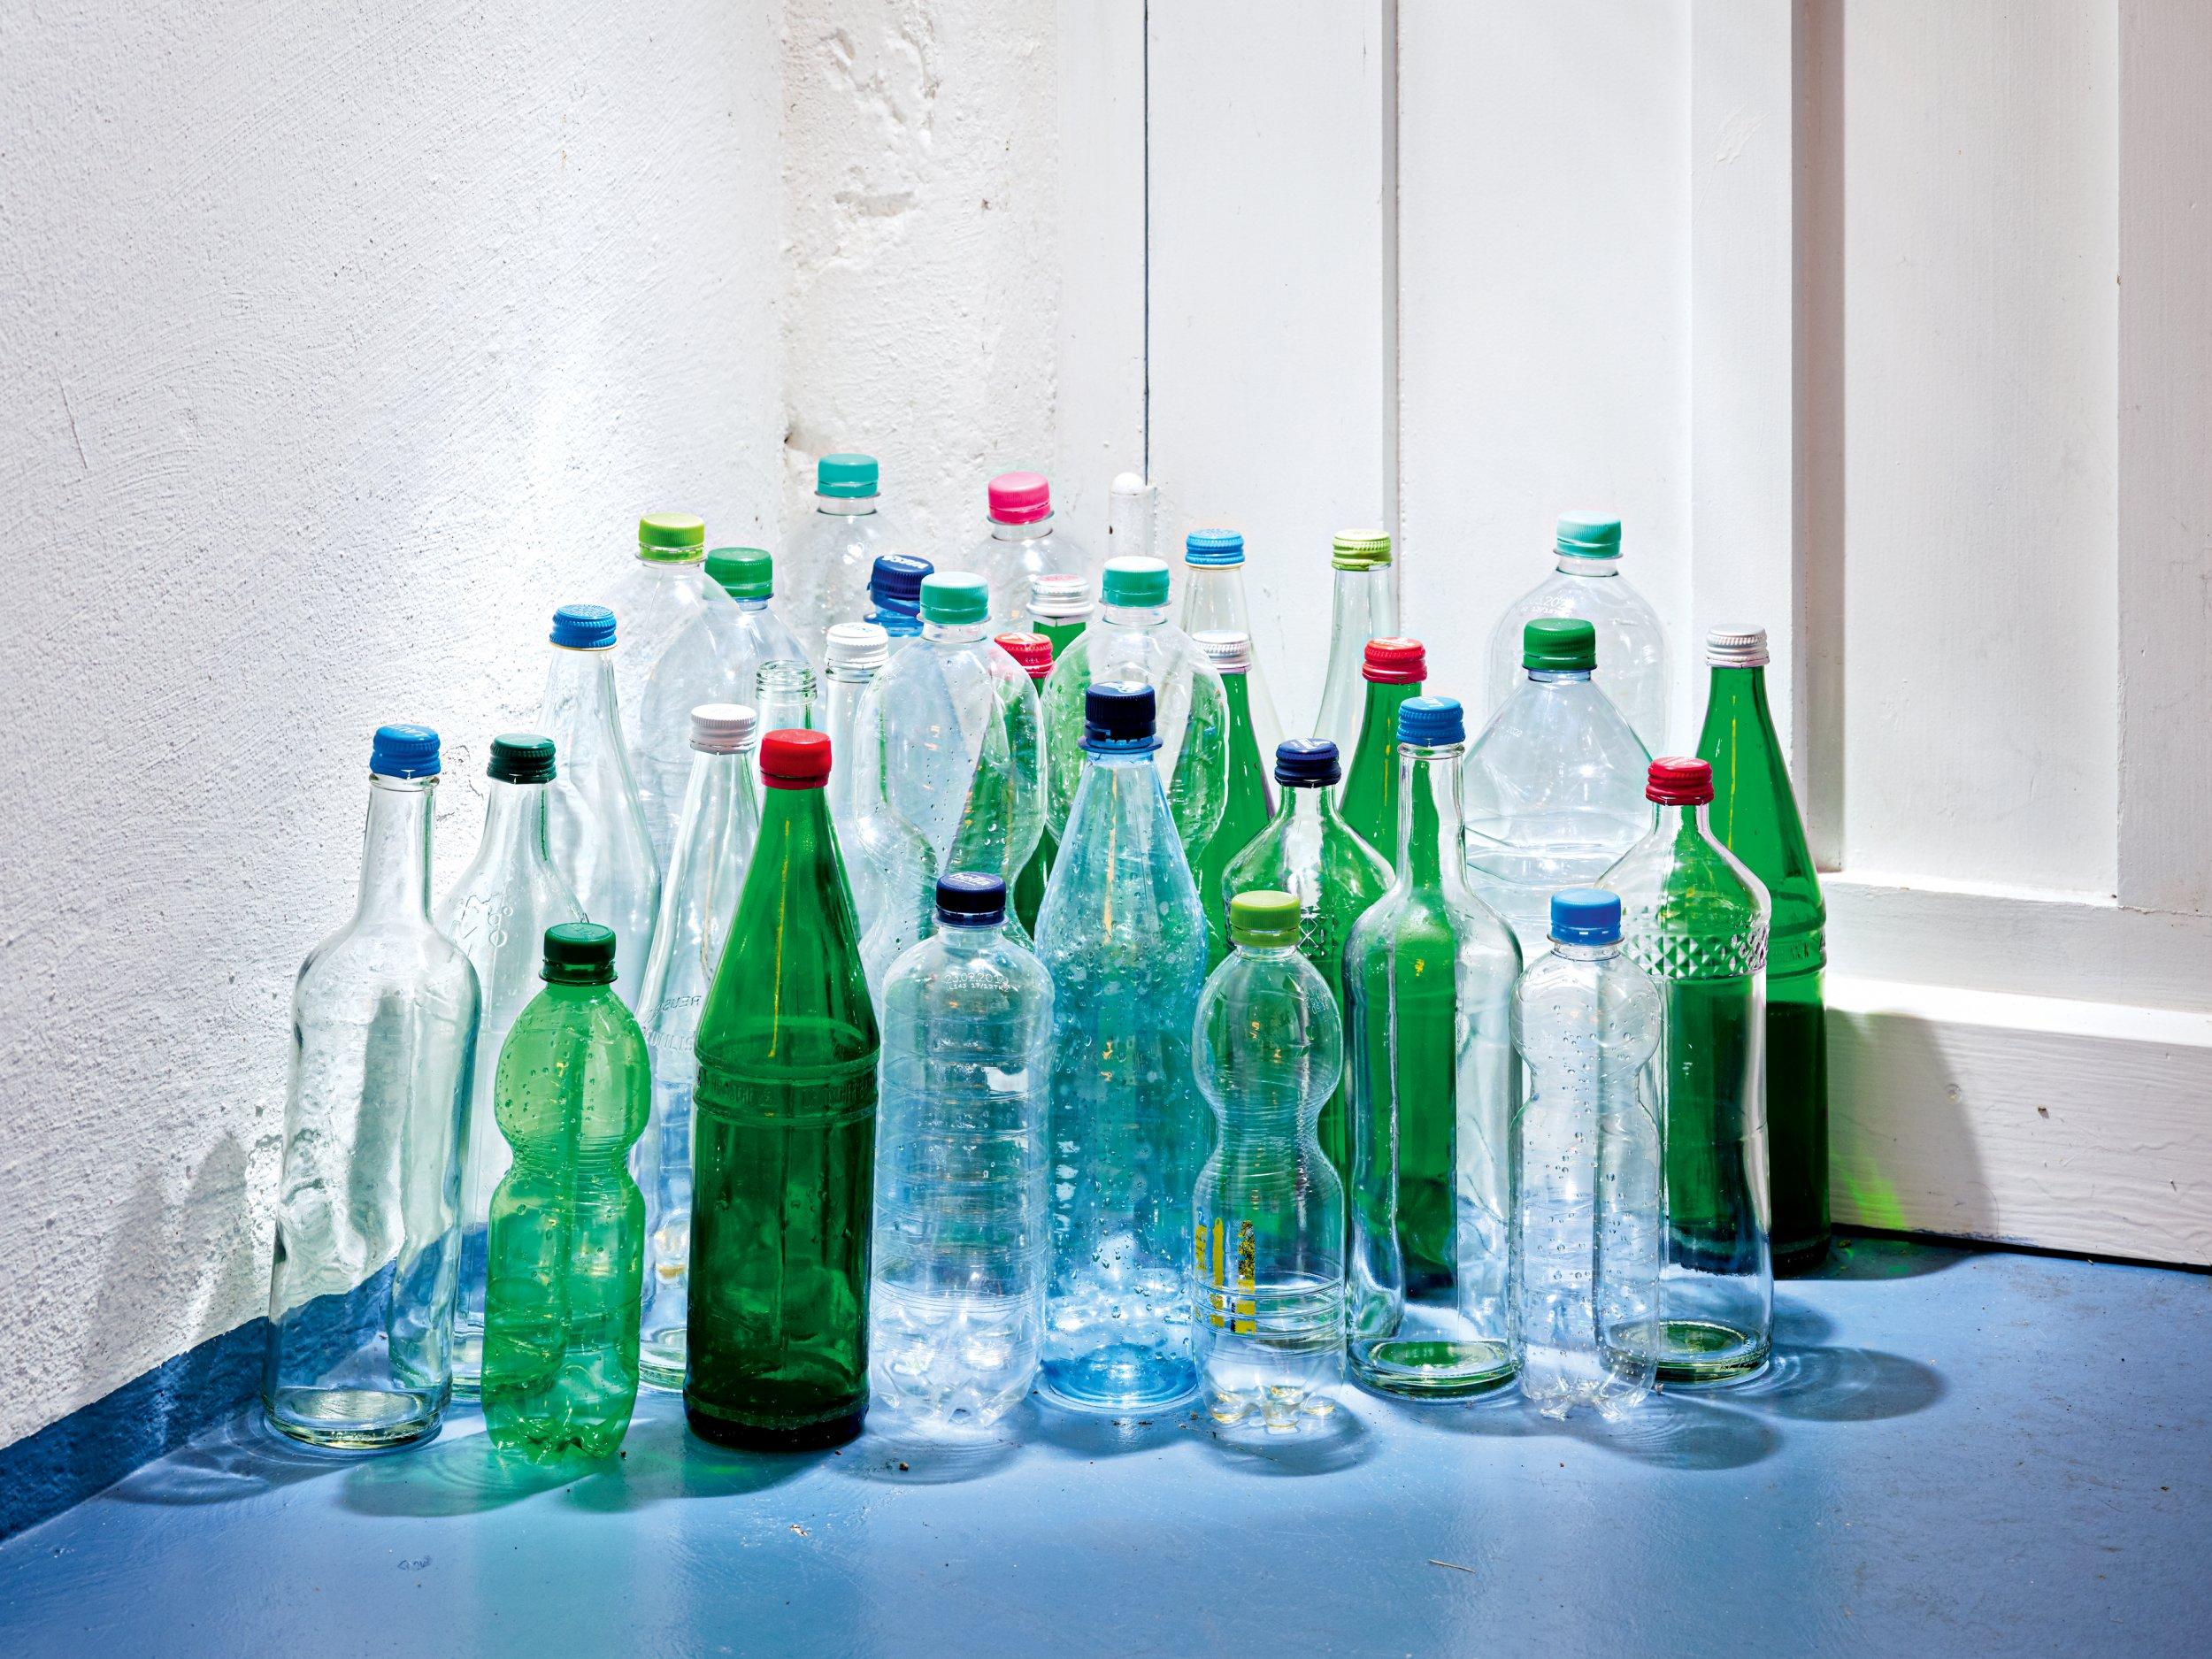 WASSERHAUSHALT Ein großes Minus in der Ökobilanz: die Verpackung. Mehr als die Hälfte der Wasserflaschen sind aus Plastik und werden nur einmal befüllt